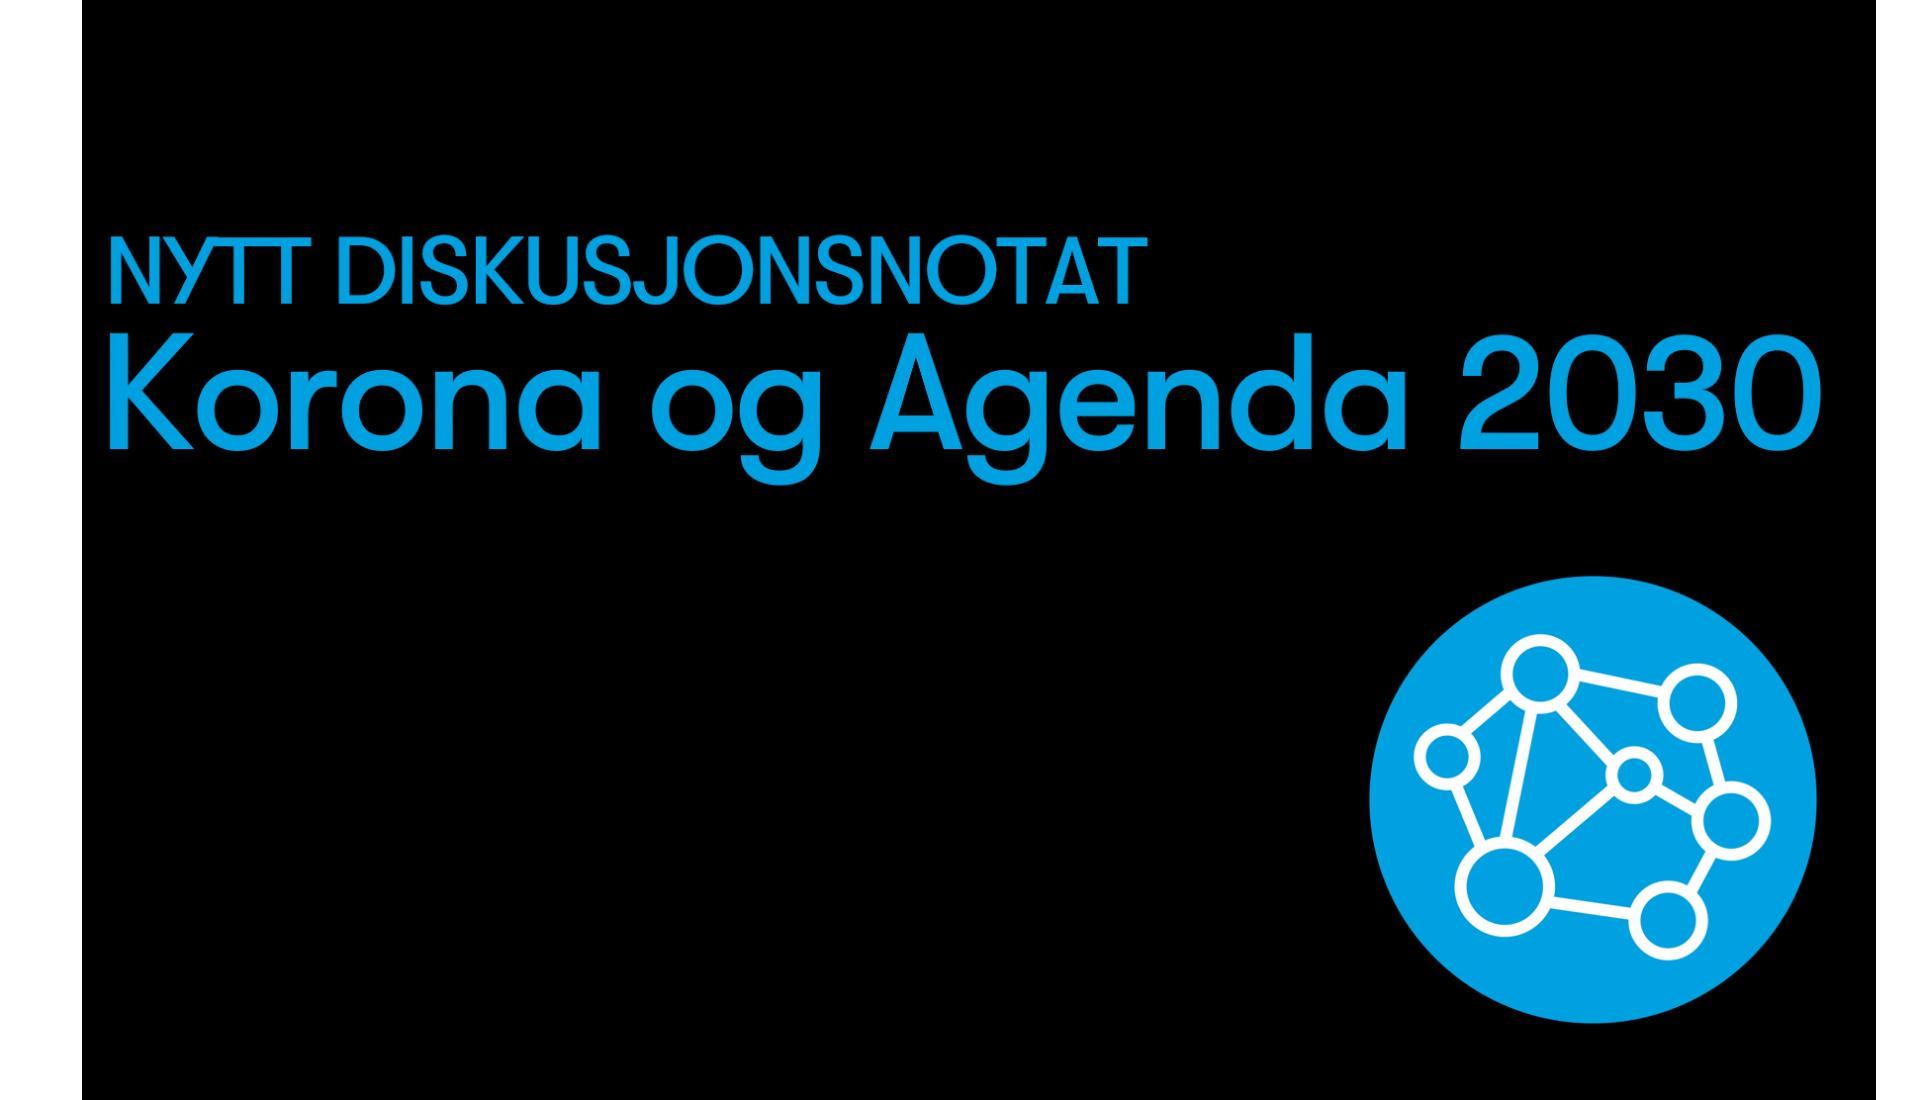 Korona og Agenda 2030